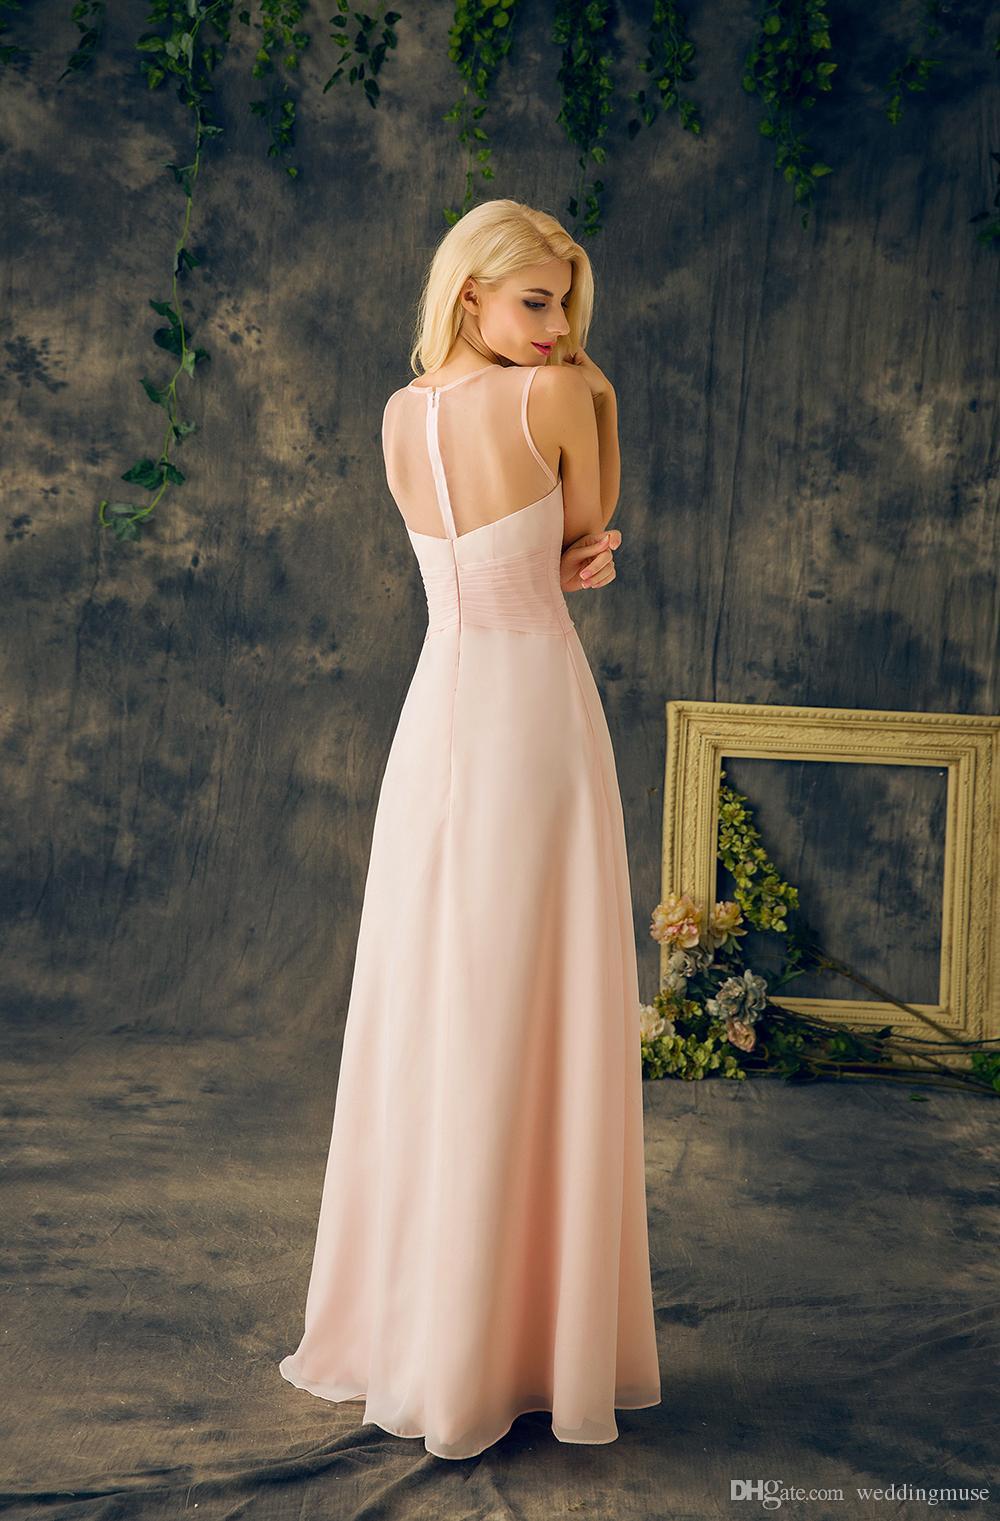 2021 Baby rose demoiselles d'honneur de demoiselles d'honneur rose véritable col rond sans manches une ligne longue mousseline de mousseline de soie junior robe d'honneur pour mariage